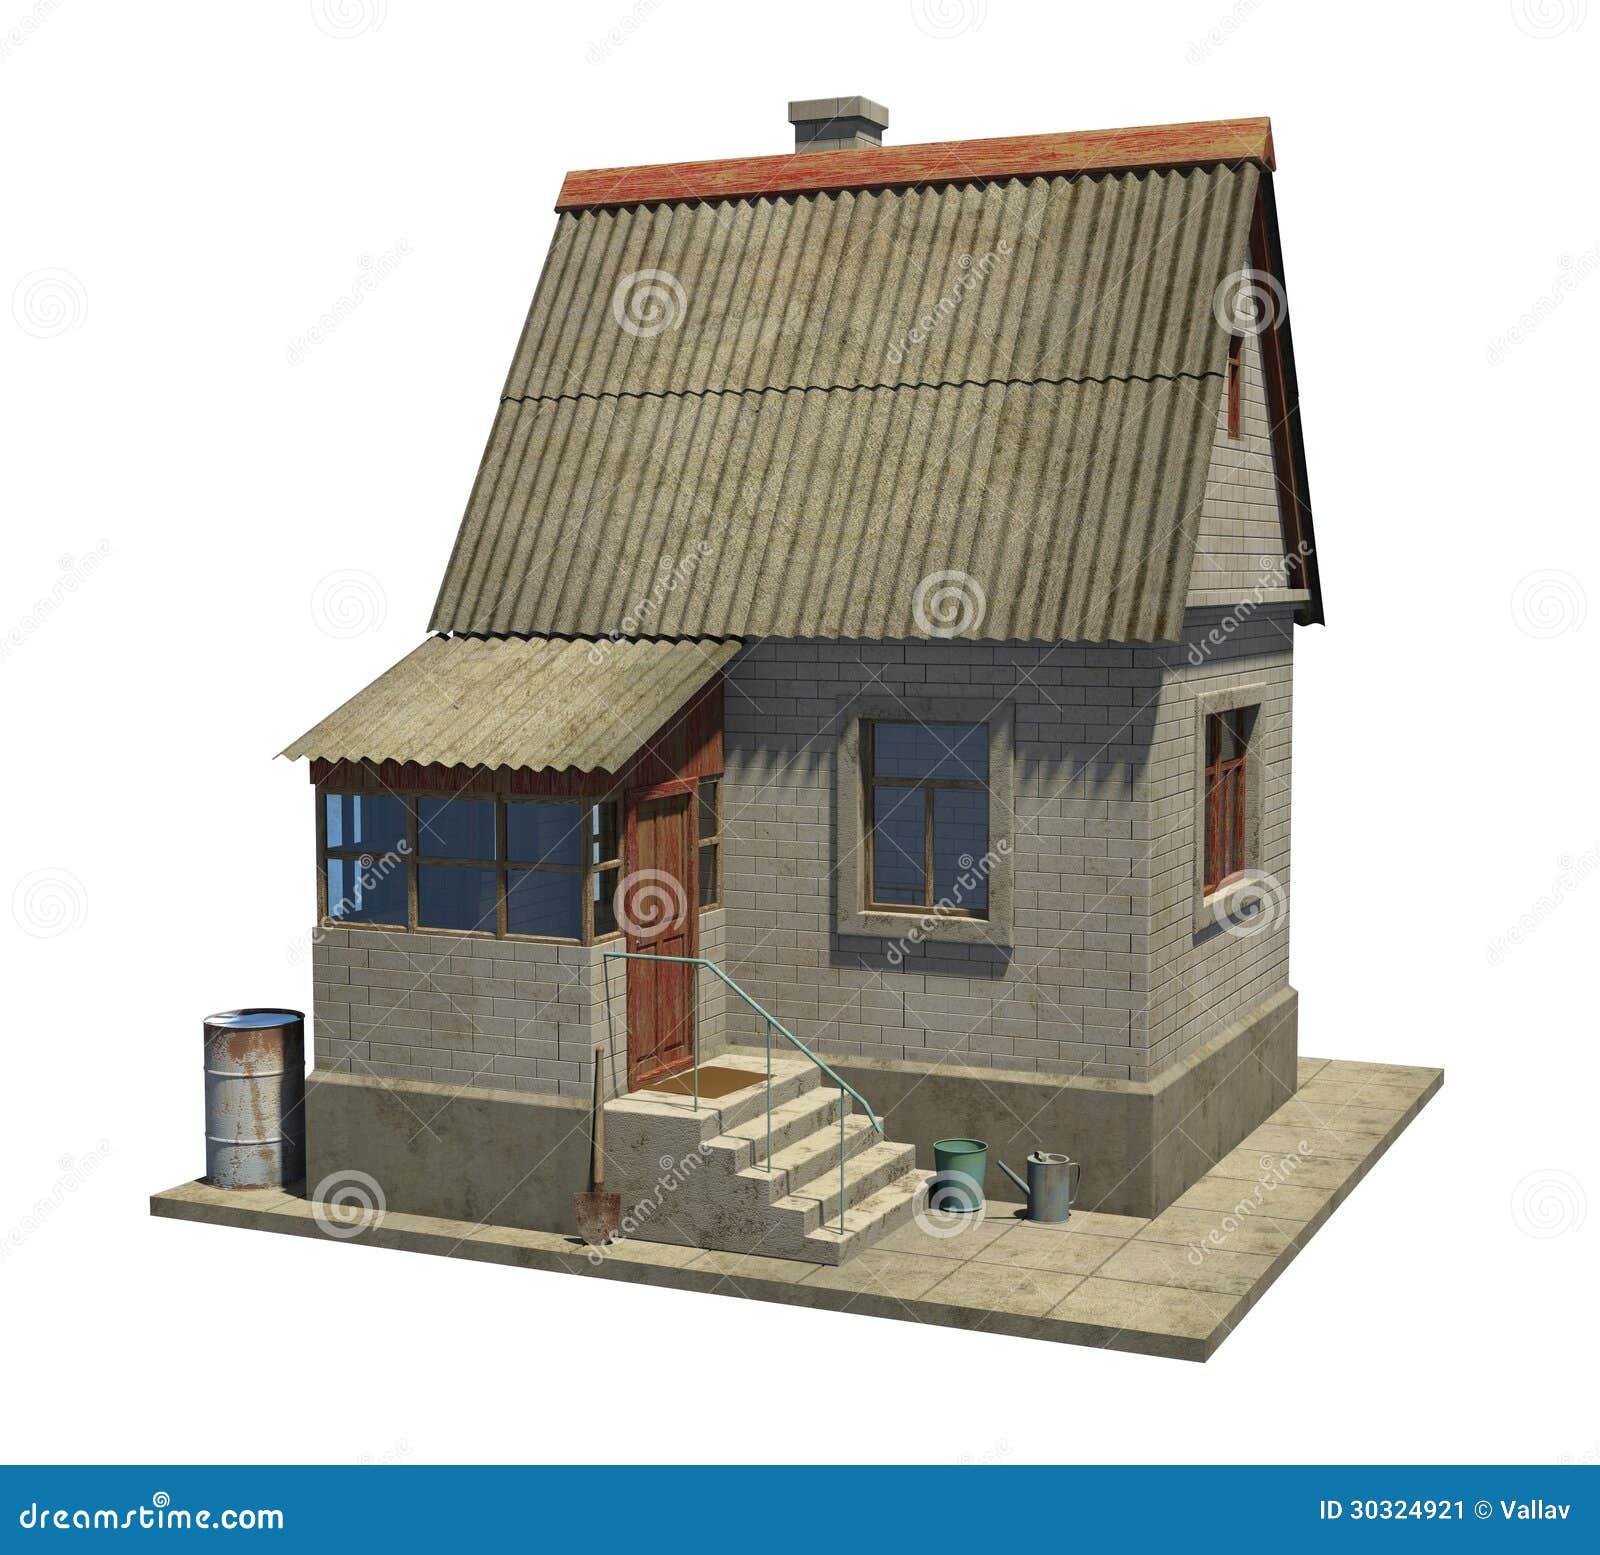 Le mod le d 39 une petite maison de campagne en russie image stock image - Petite maison de campagne ...